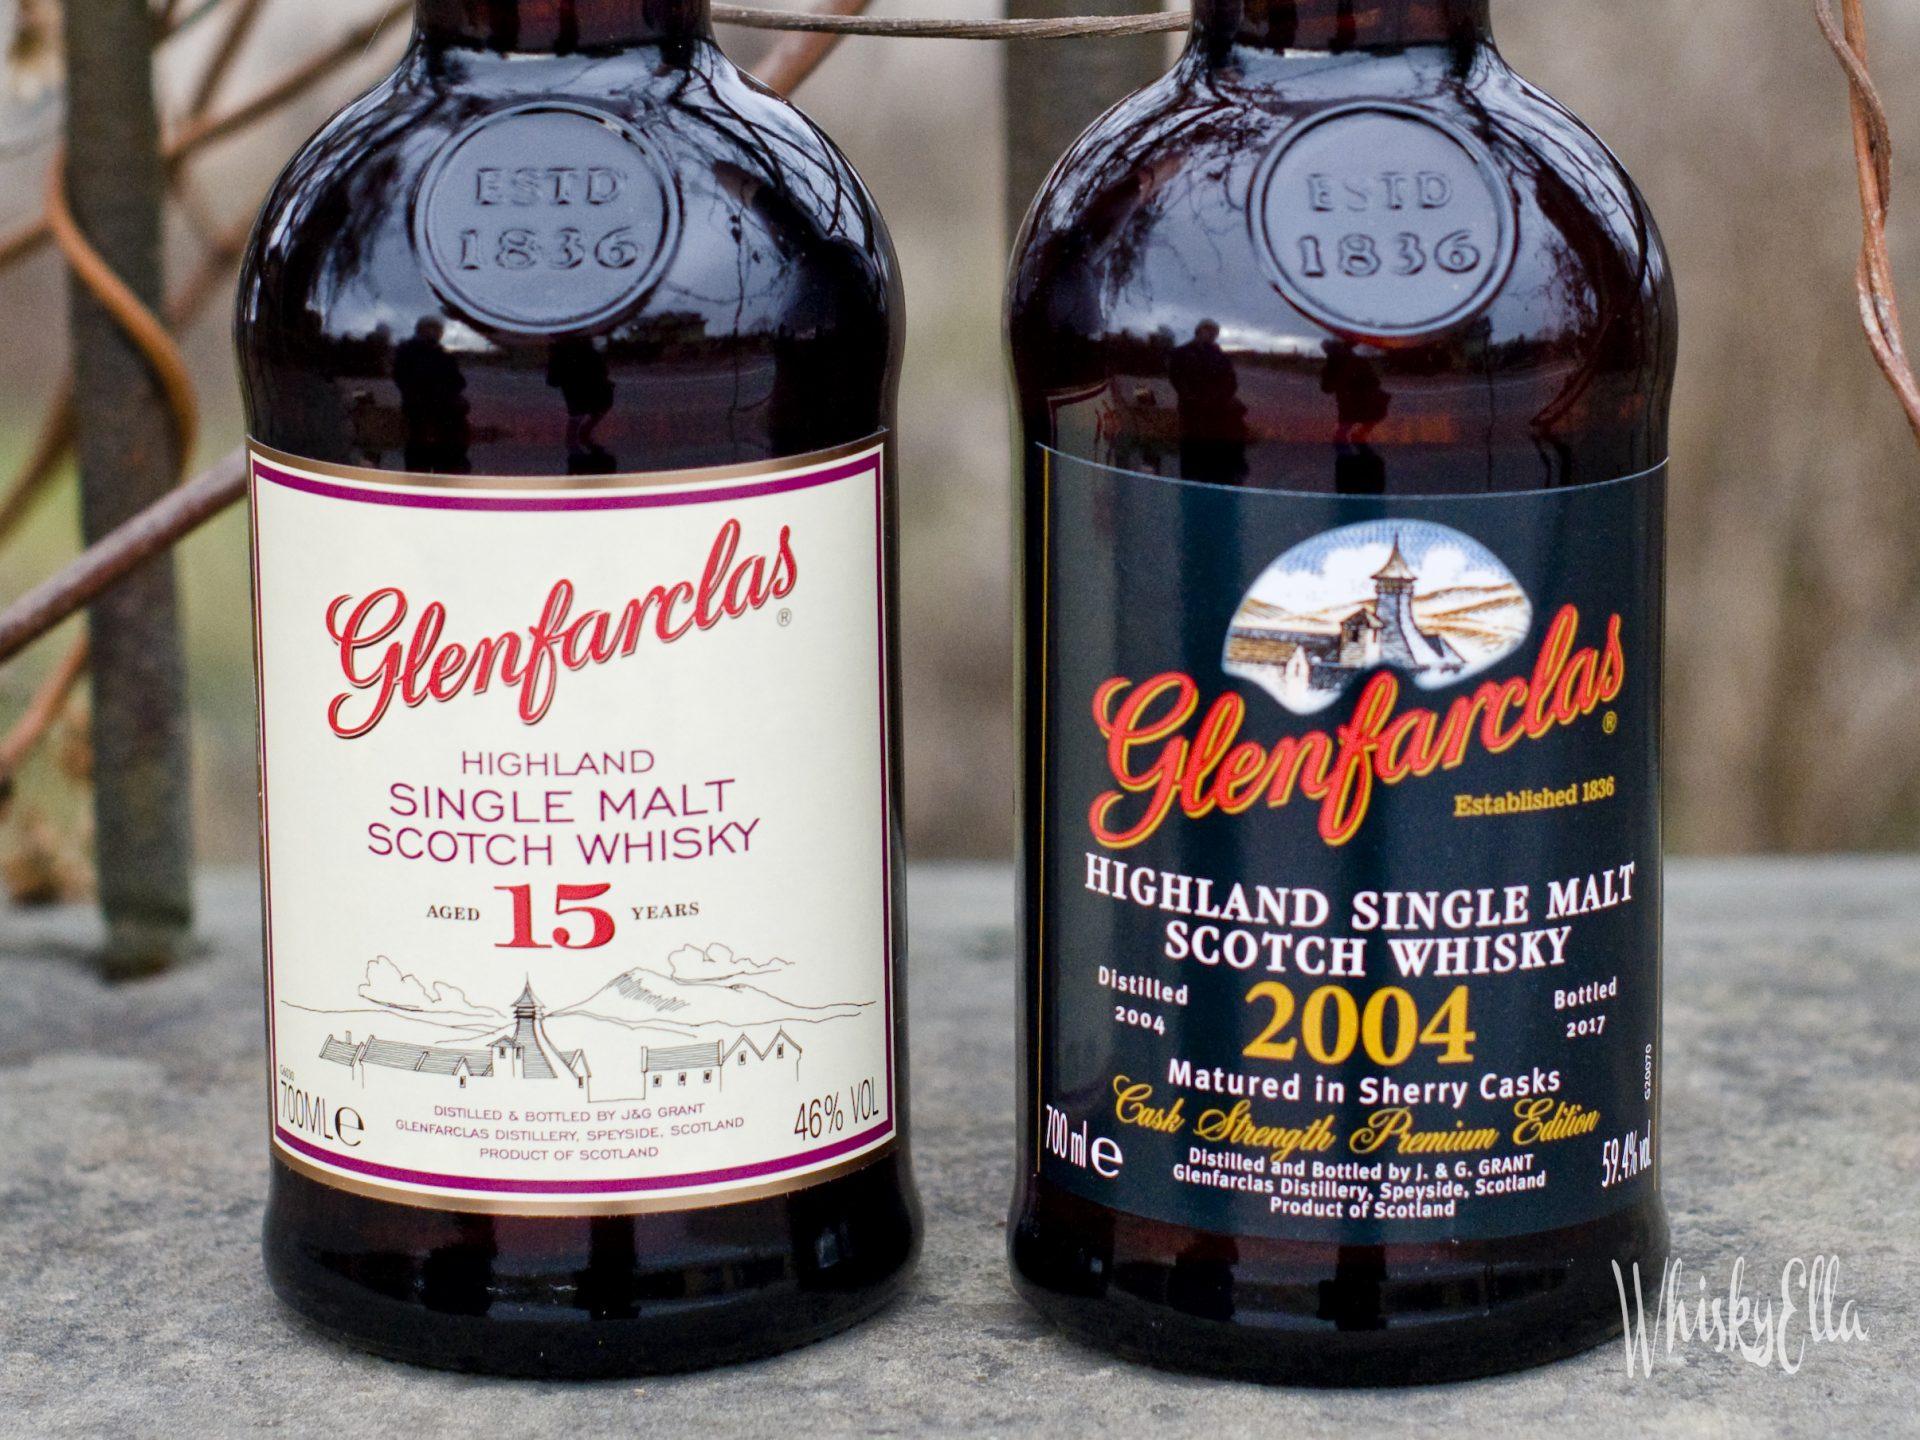 Nasza recenzja Glenfarclas 15 yo vs Glenfarclas 2004 Matured Sherry Cask, Cask Strength 59,4% Bottled 2017 #48